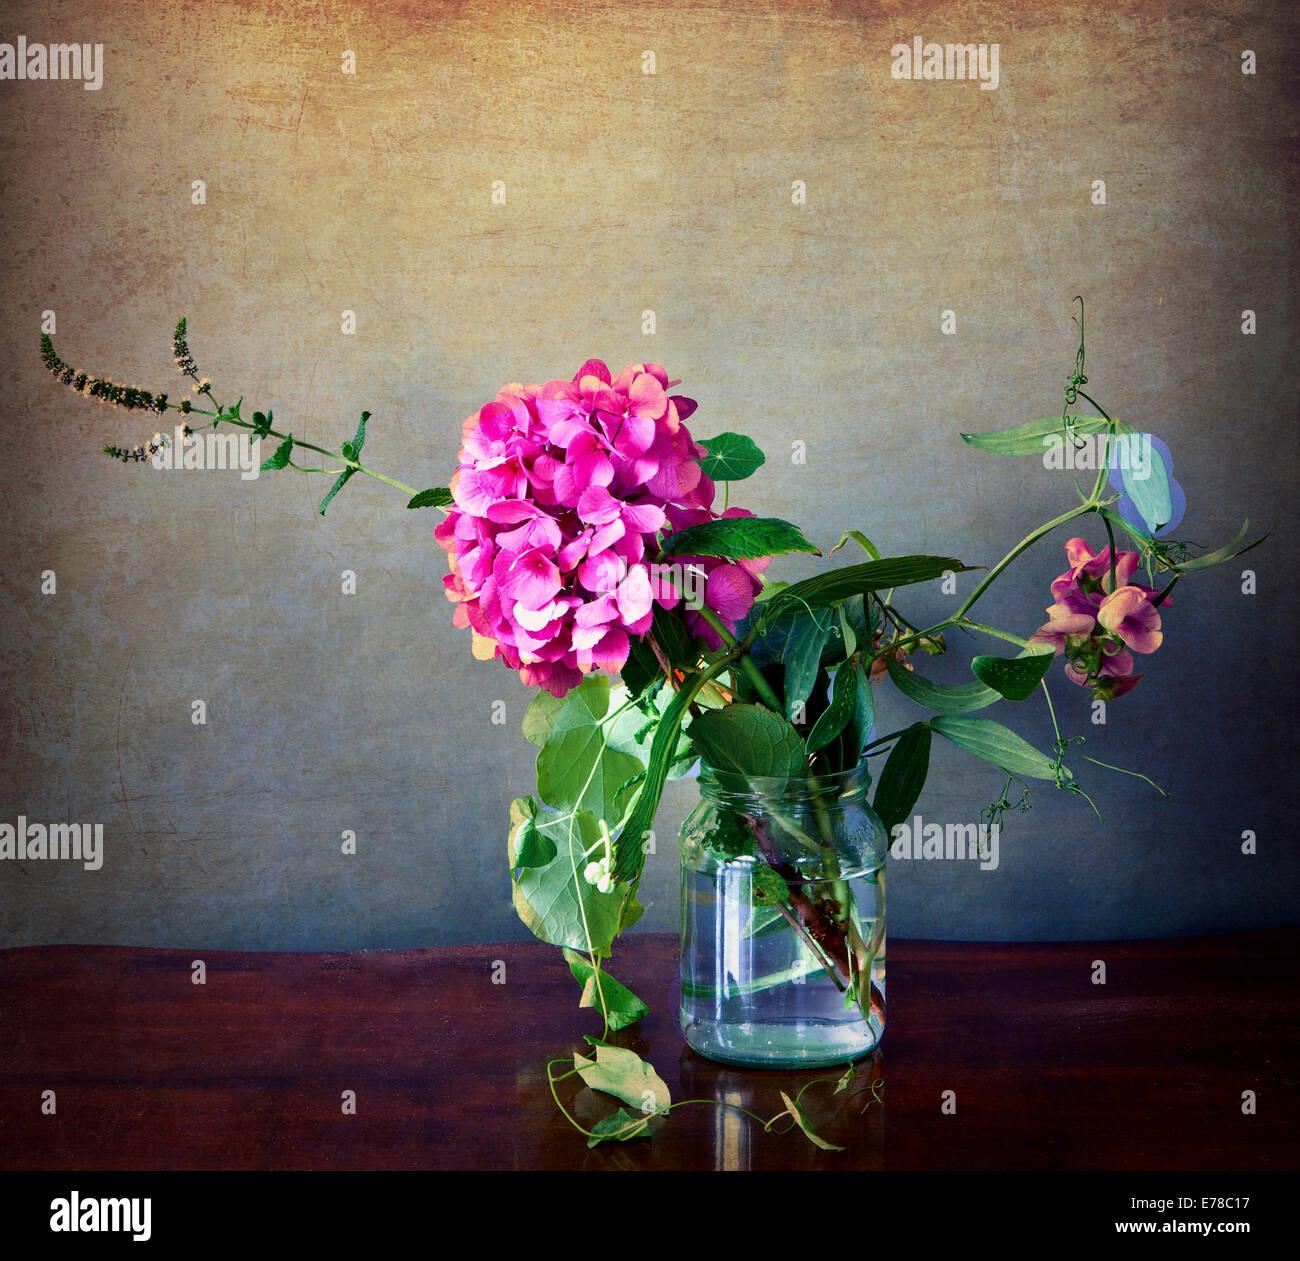 Hortensia rose et de fleurs des champs dans un verre avec texture vintage rétro et des effets Instagram ajouté Photo Stock